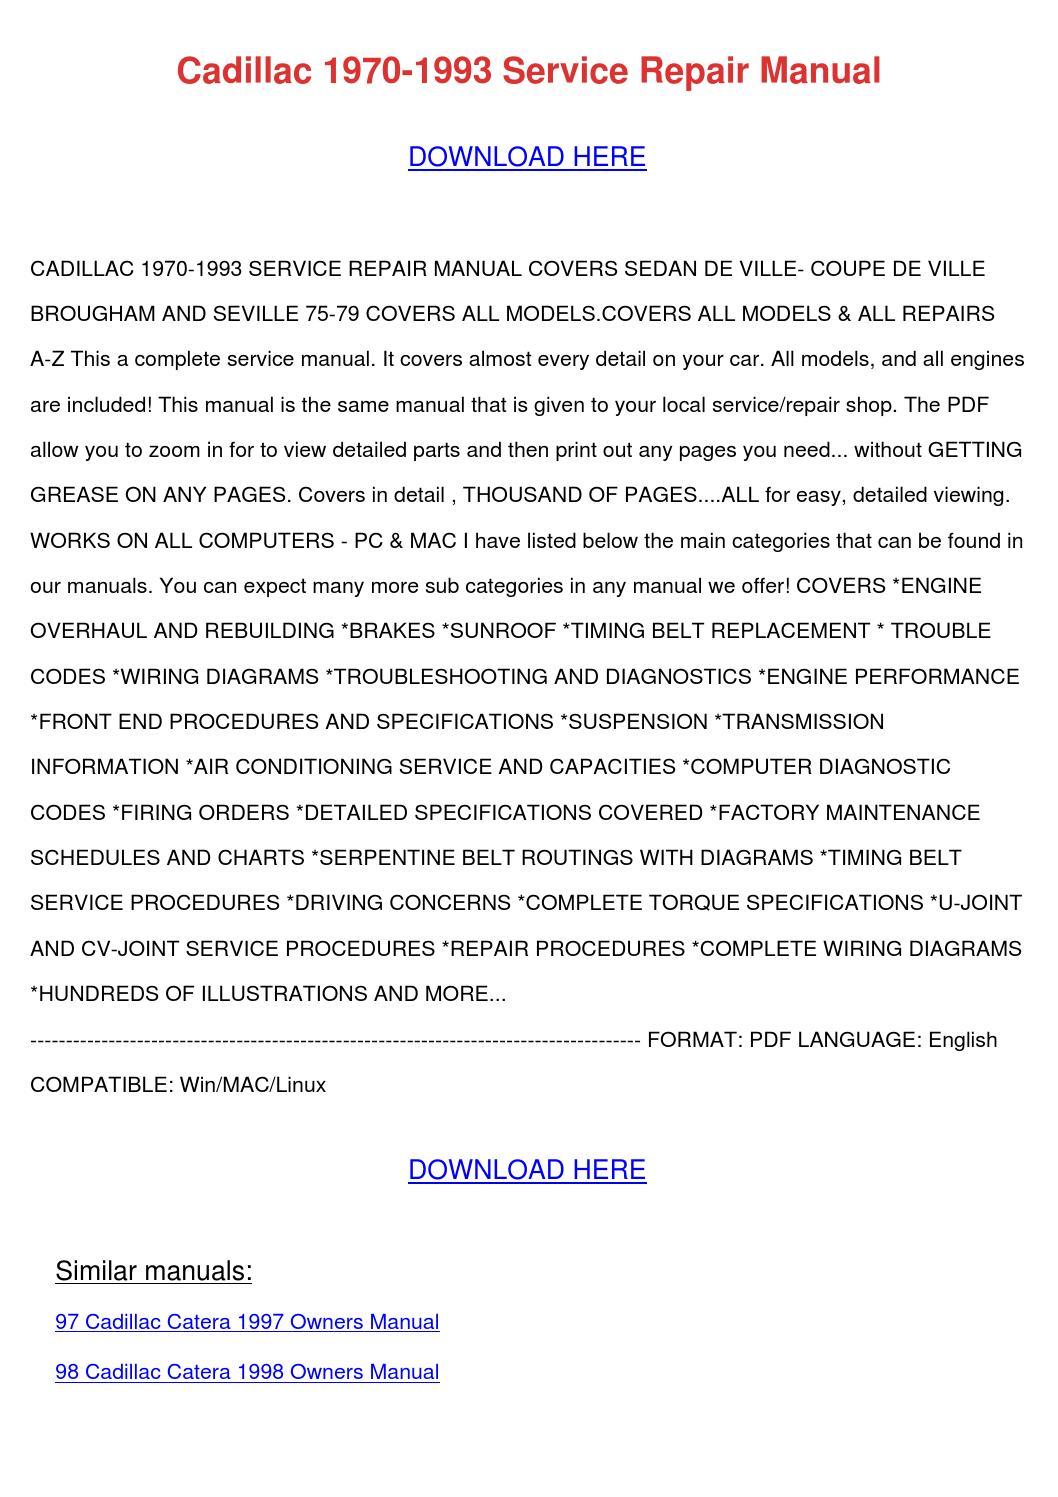 Cadillac 1970 1993 Service Repair Manual by EdmundCyr - issuu